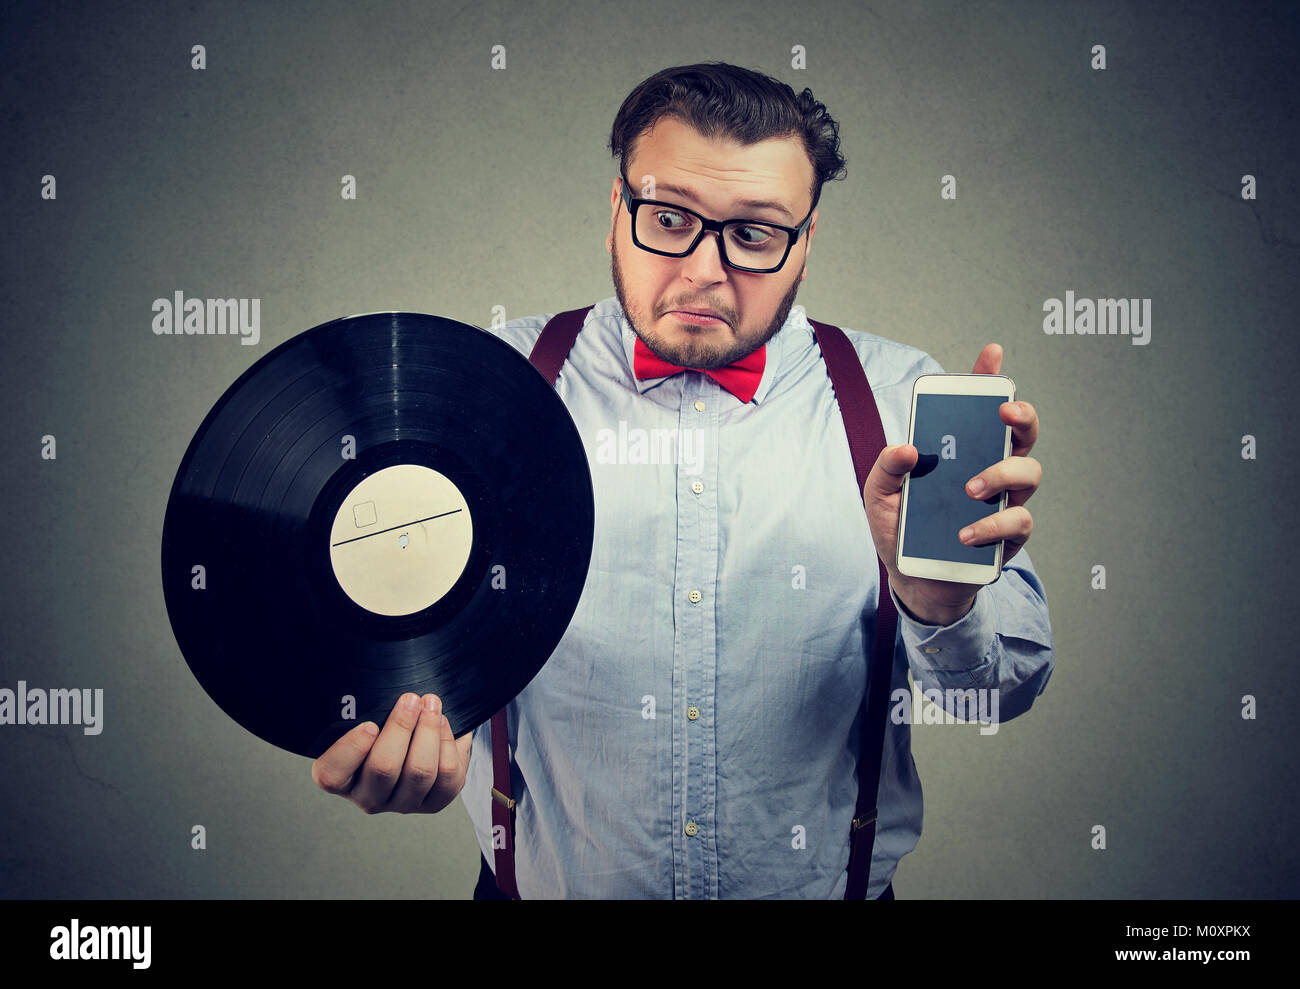 Chunky uomo con dischi in vinile e lo smartphone confronto tra vecchio e nuovo. Immagini Stock